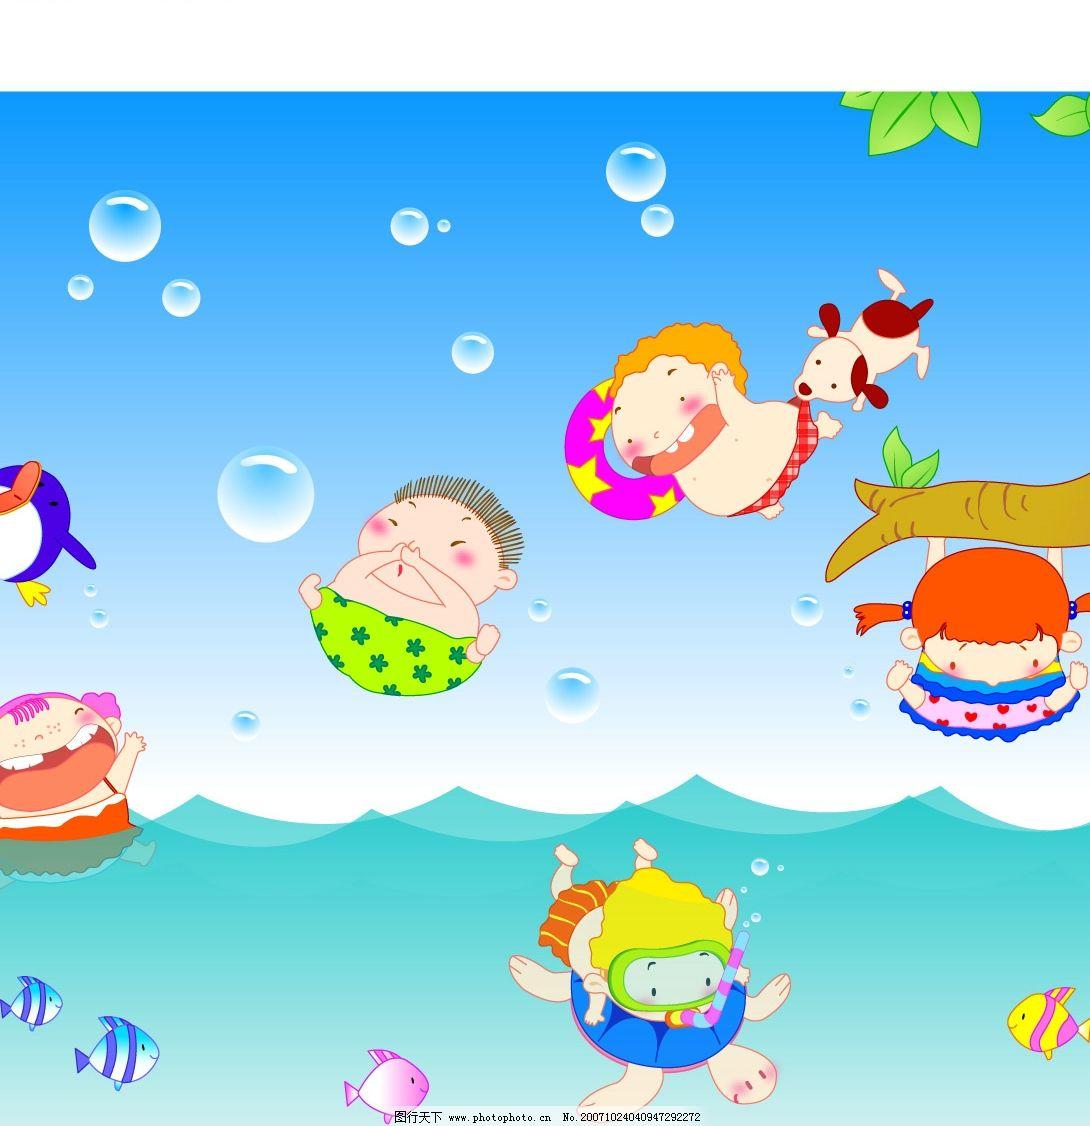 卡通 可爱 矢量人物 儿童幼儿 矢量图库   ai